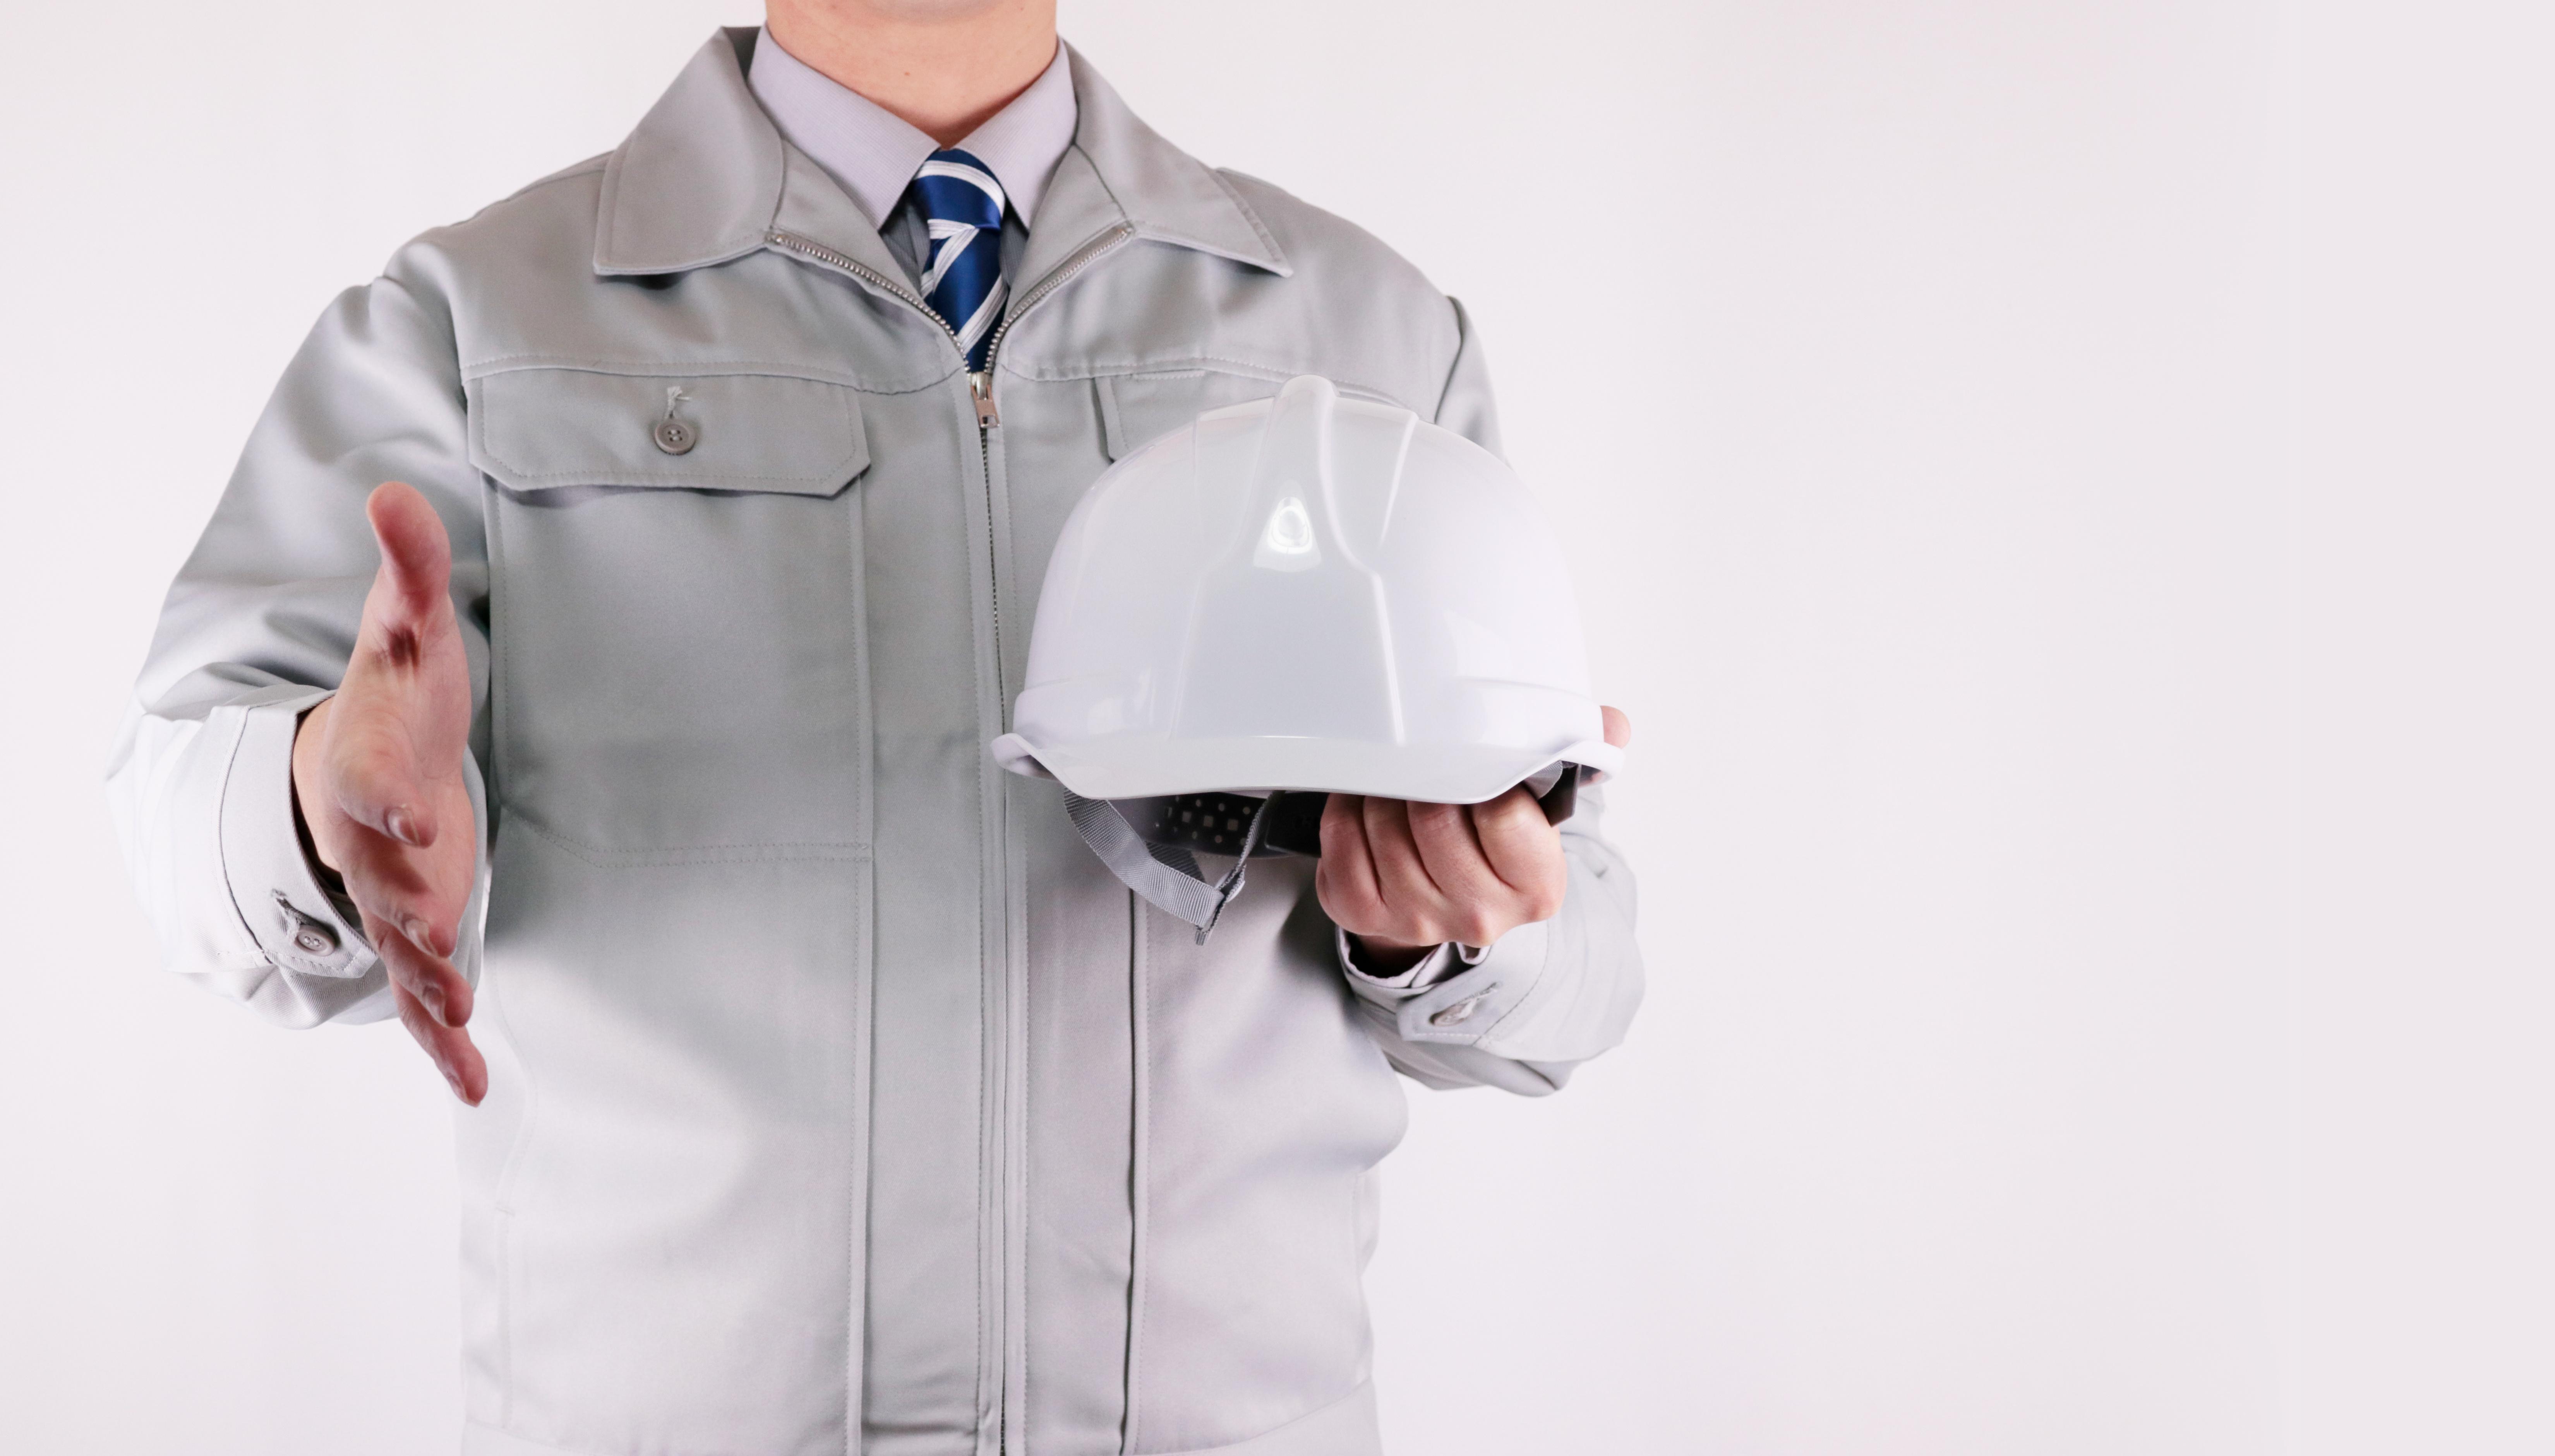 電気工事で資格を取得するにはどうすればいいの?